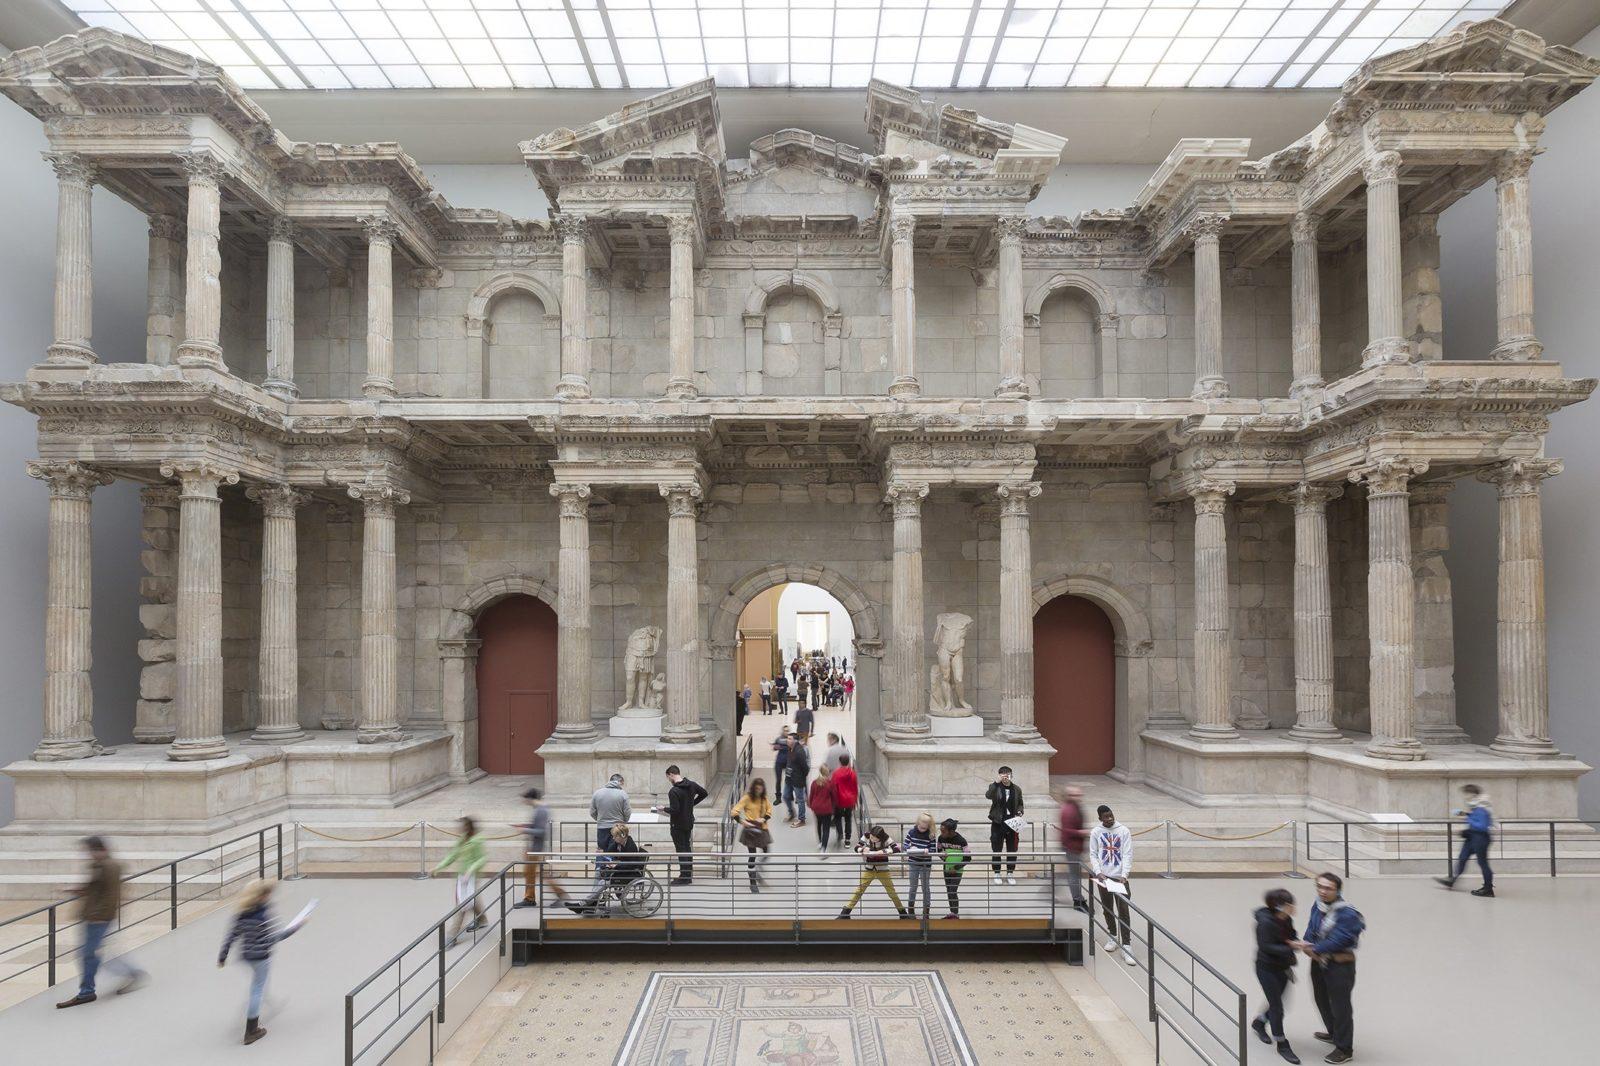 Vandál támadásban rongálódott meg számos műtárgy a berlini múzeumokban a német egység napján